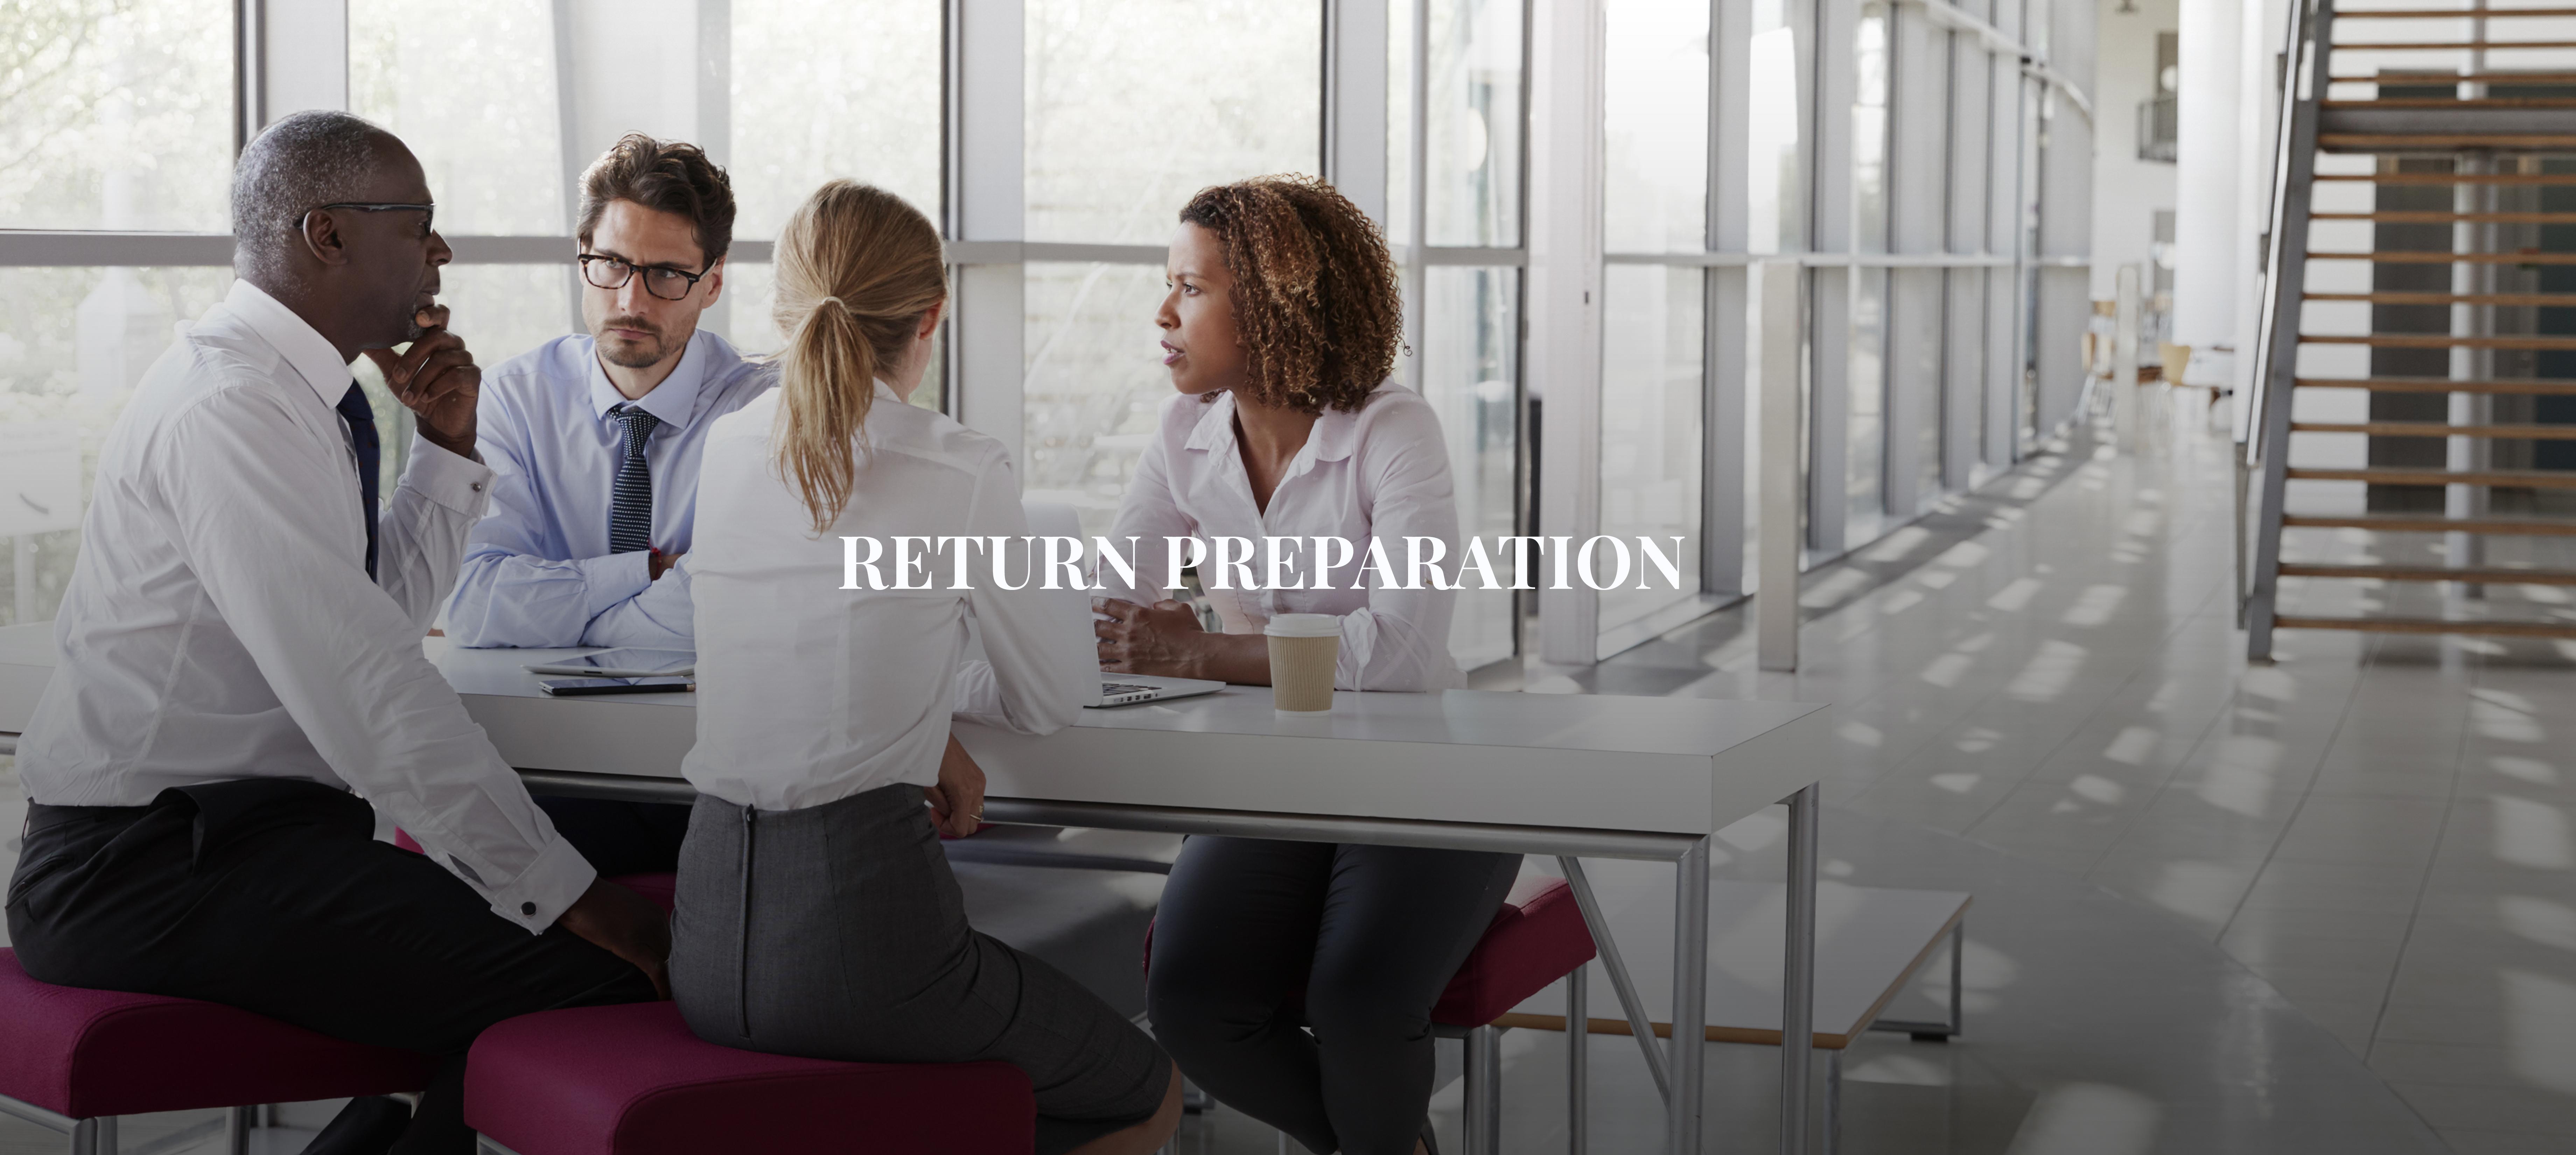 Return Preparation at DDH Tax